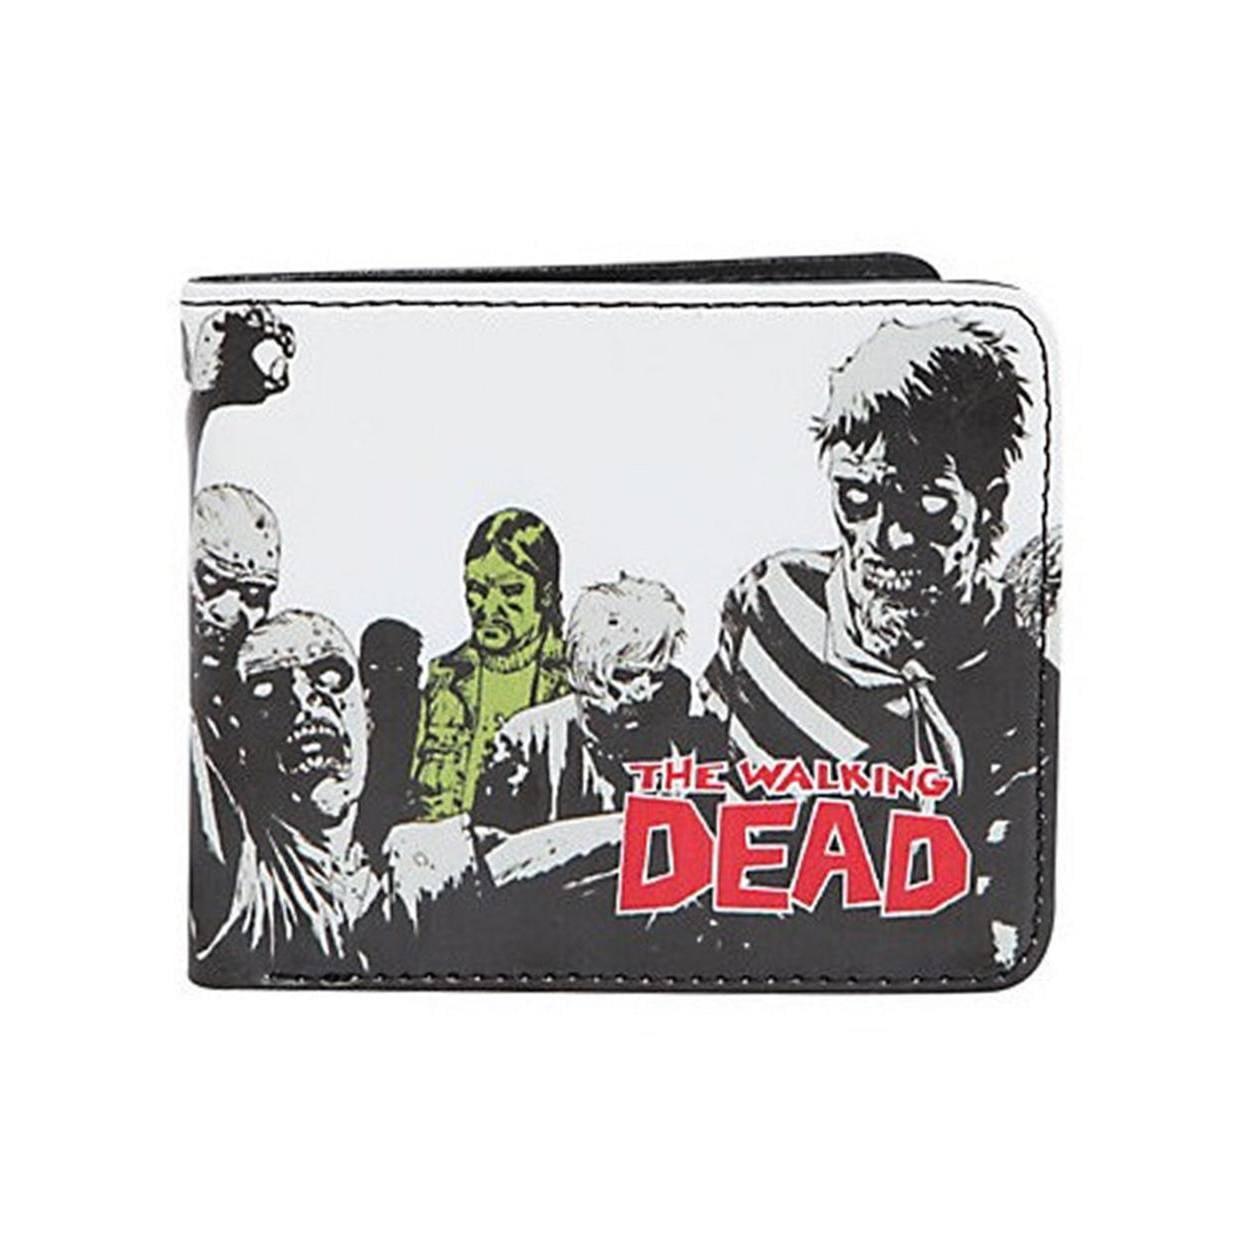 The Walking Dead - Carteira para documentos e dinheiro - Governador